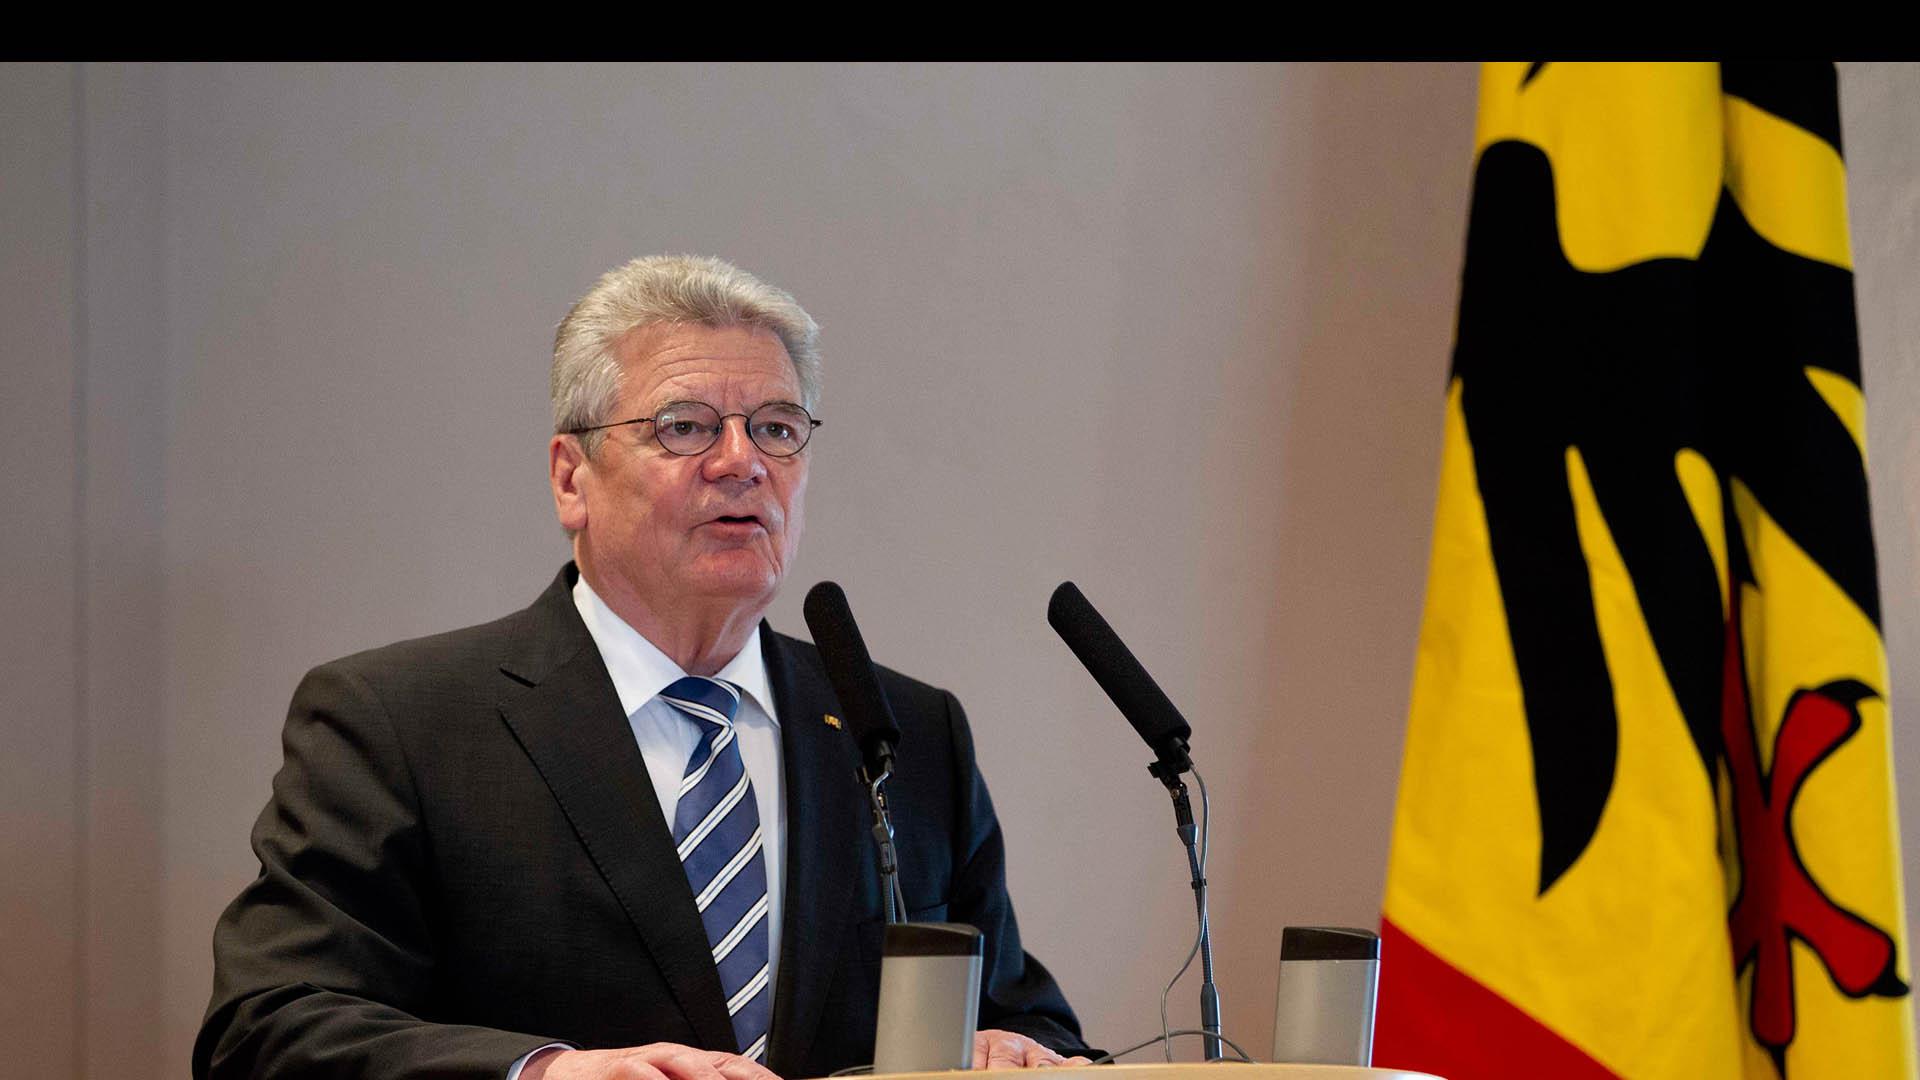 Peña Nieta precisó en una reunión a puerta cerrada con el presidente federal alemán las claves de la ayuda bilateral